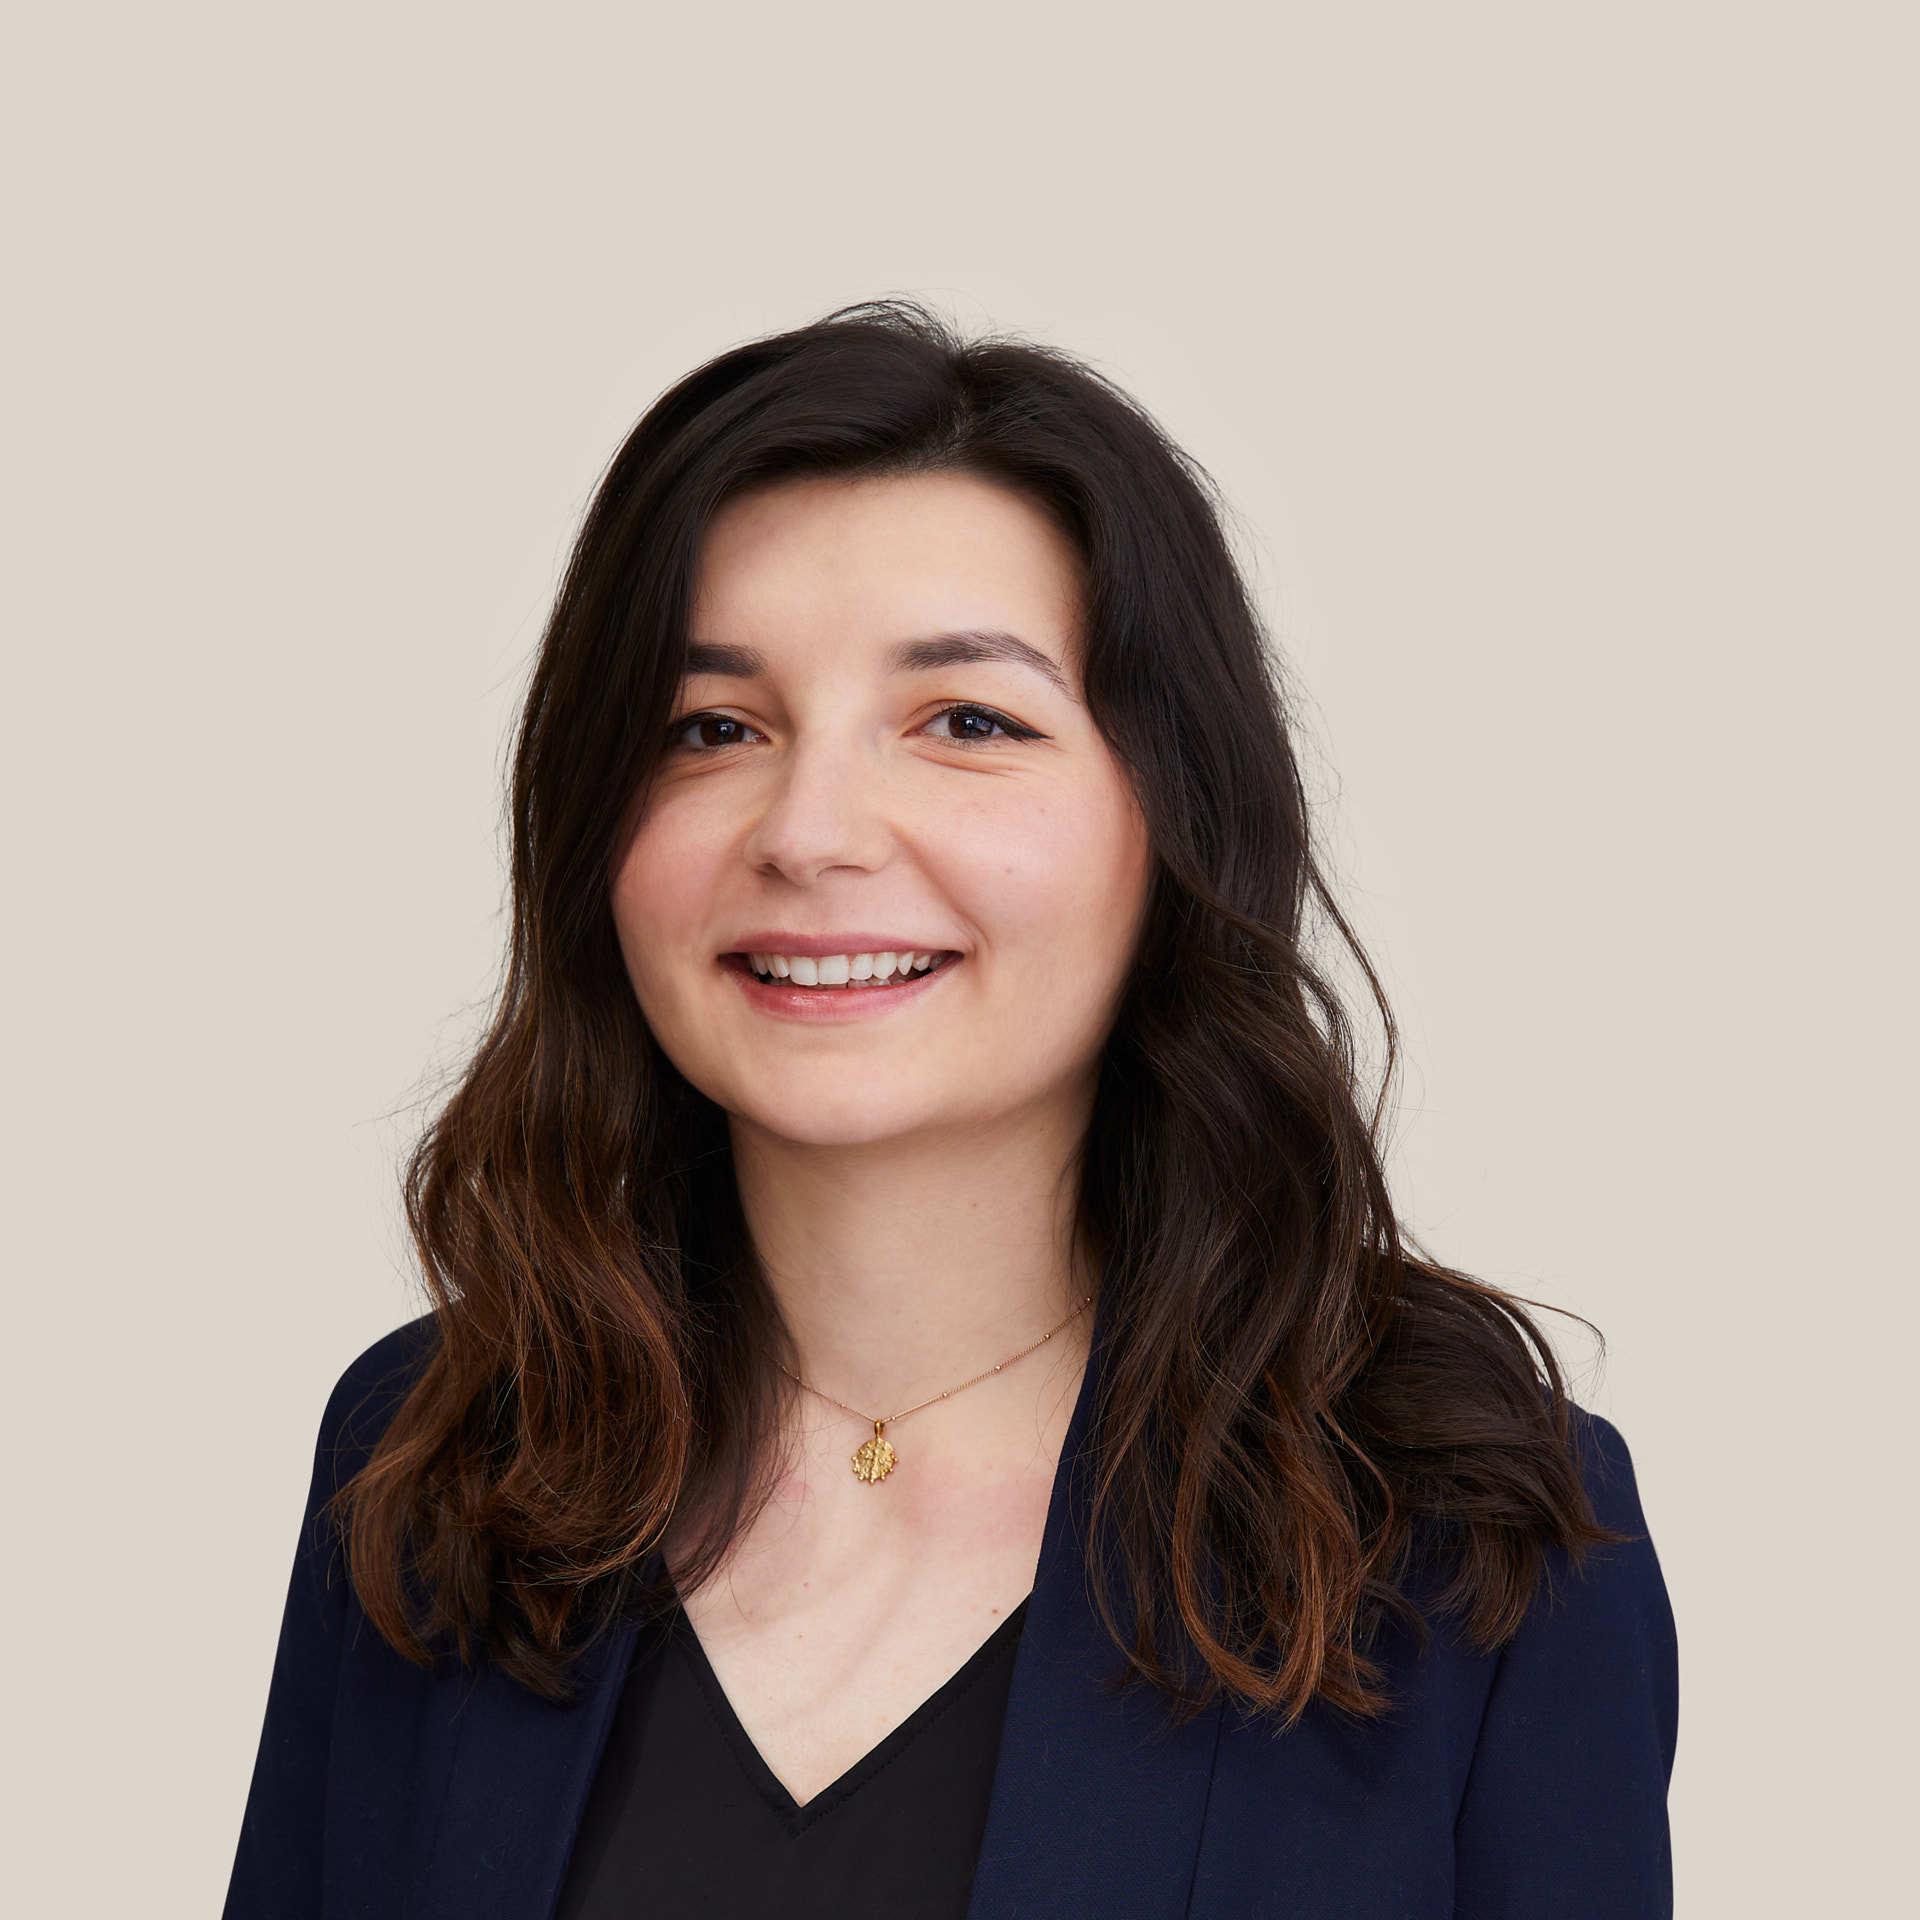 Ioana patrascu